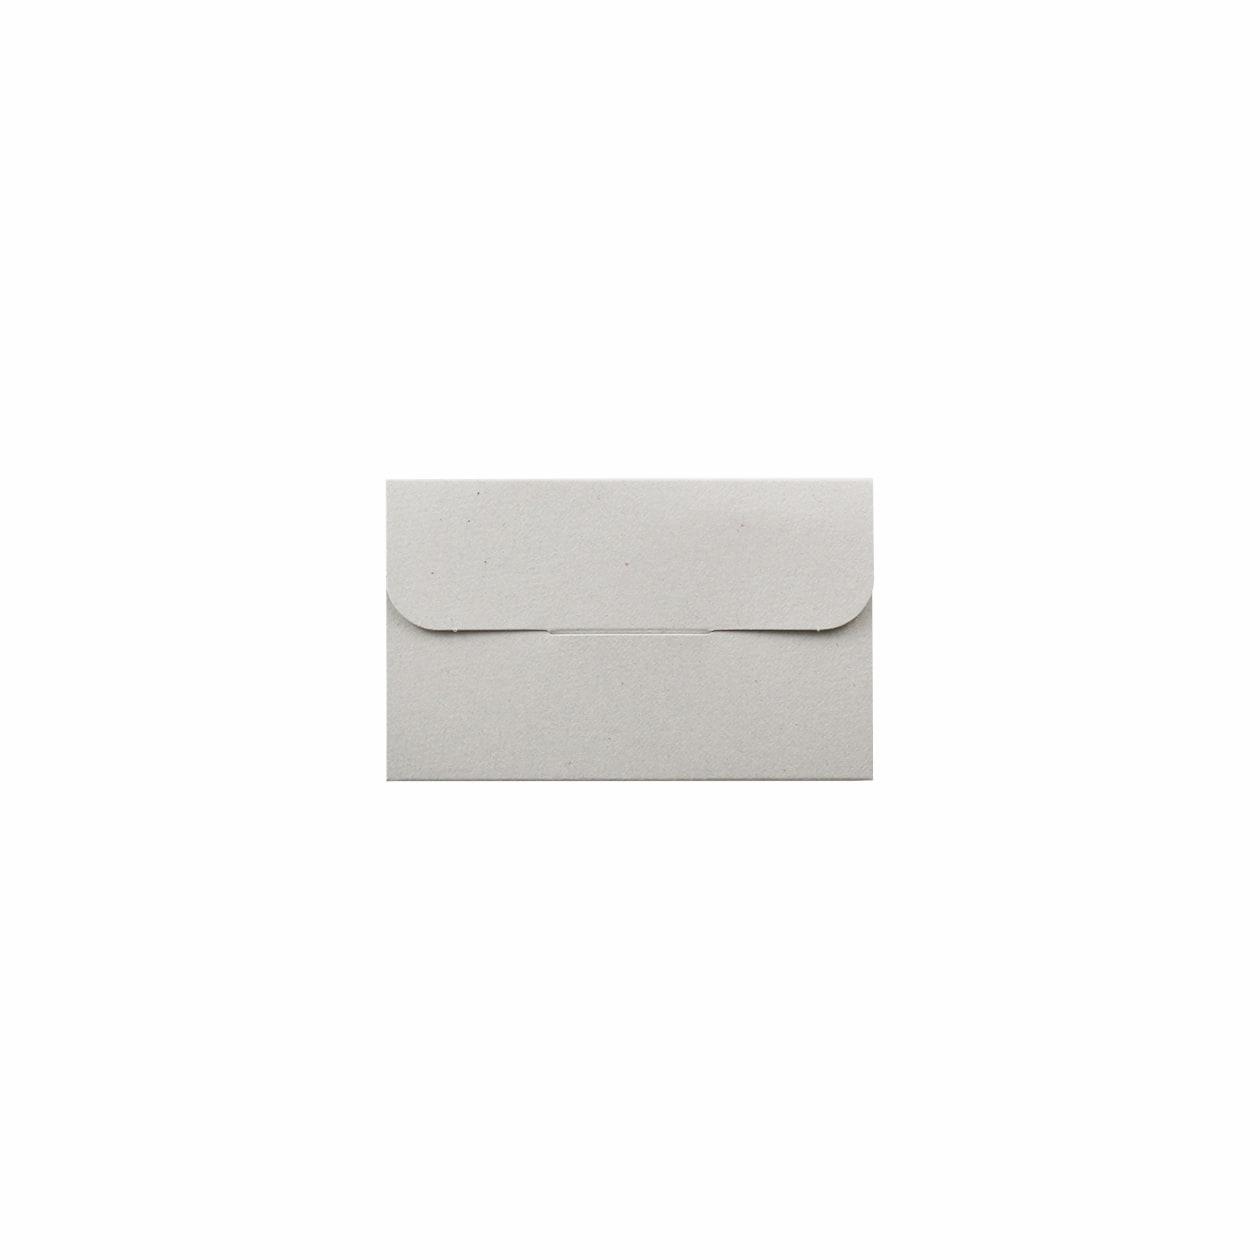 封筒型フォルダーネームカード用 差込有 ボード紙 グレー 270g マチ6mm